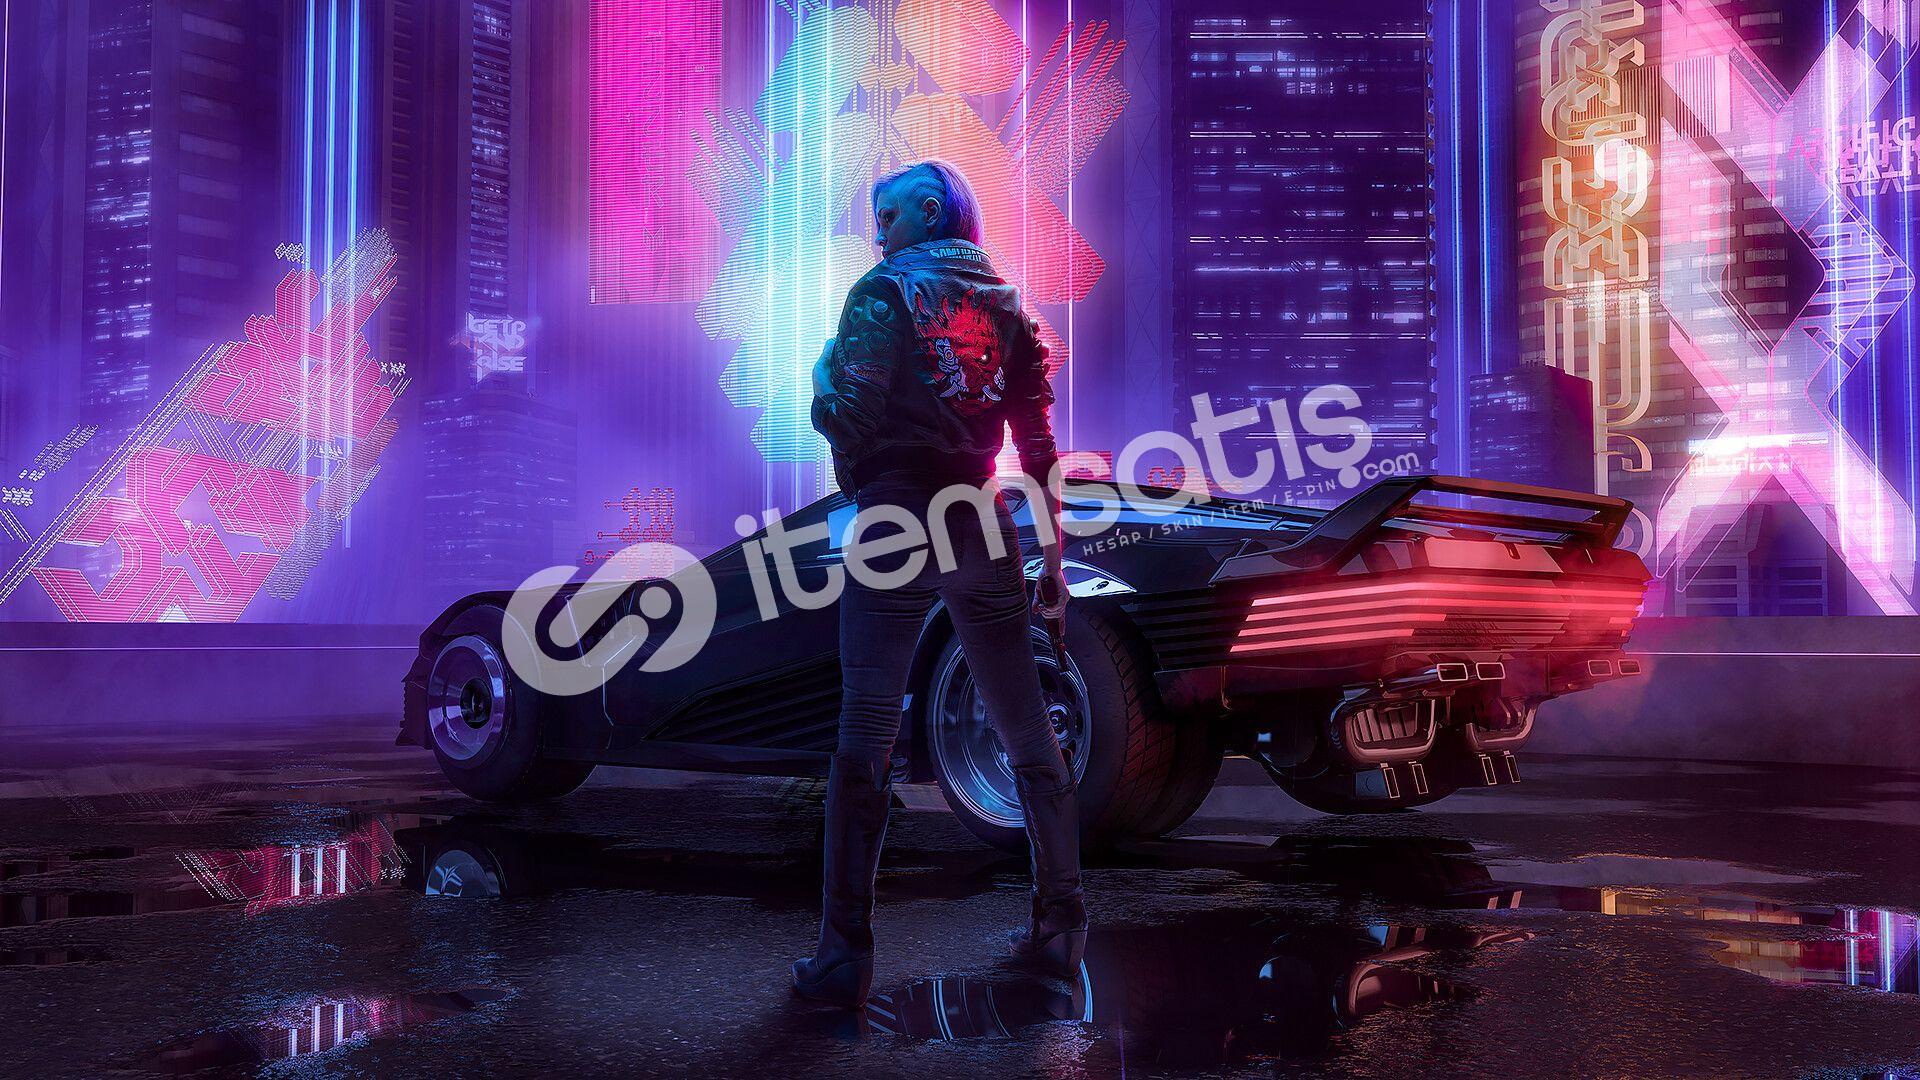 Cyberpunk 2077 (3.00TL) GEFORCE NOW DESTEKLER